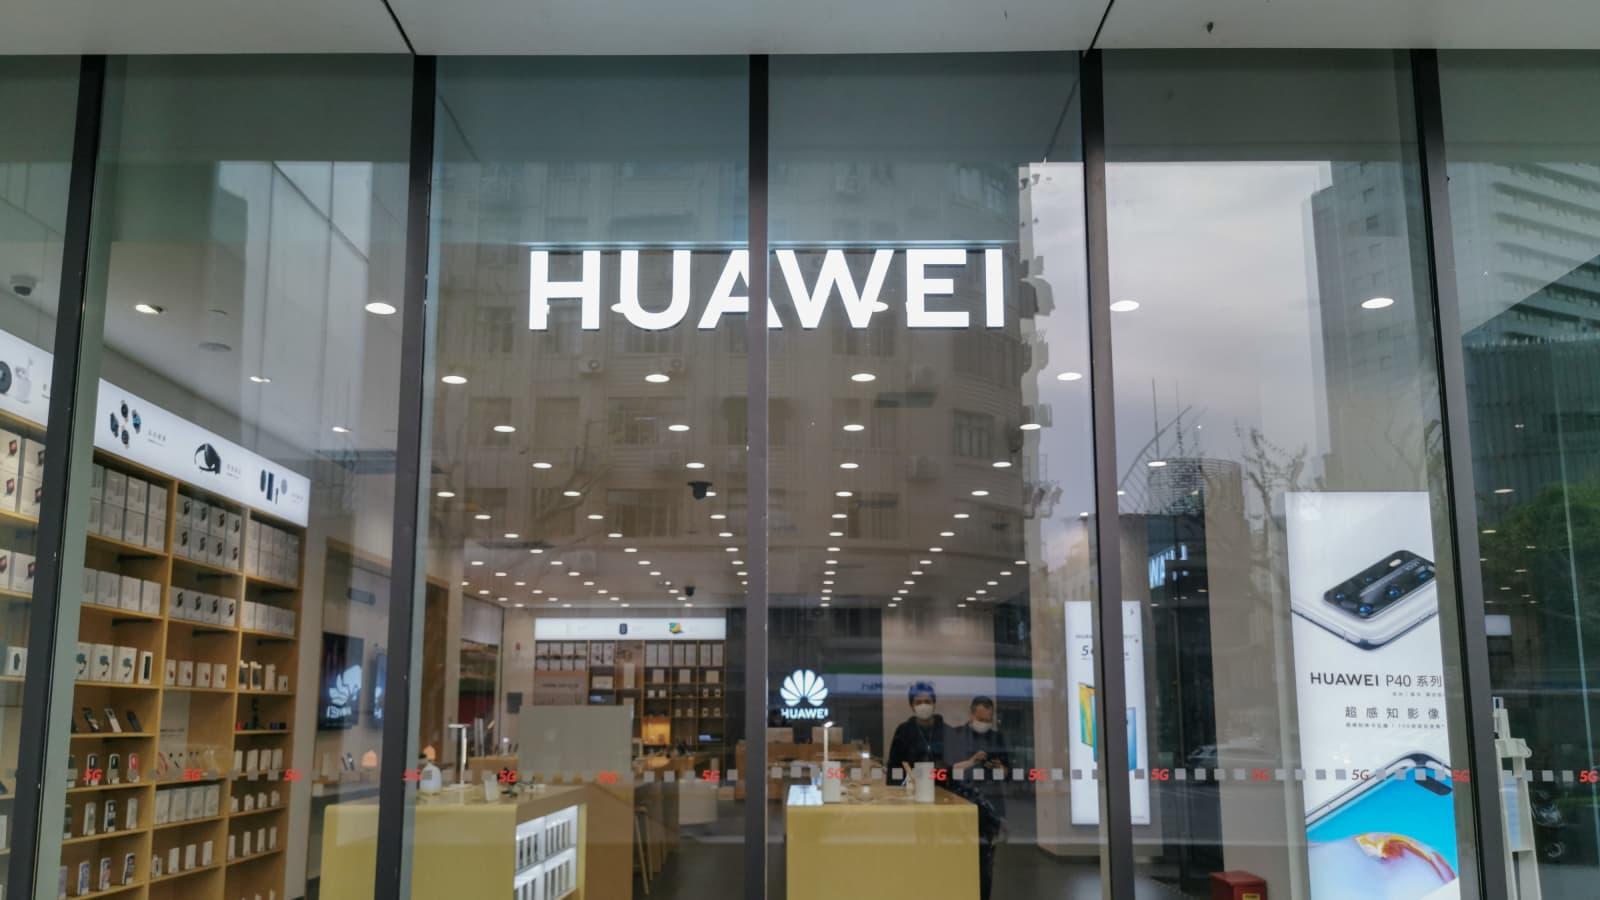 Huawei Q1 results: Revenue growth slows amid US blacklist, coronavirus